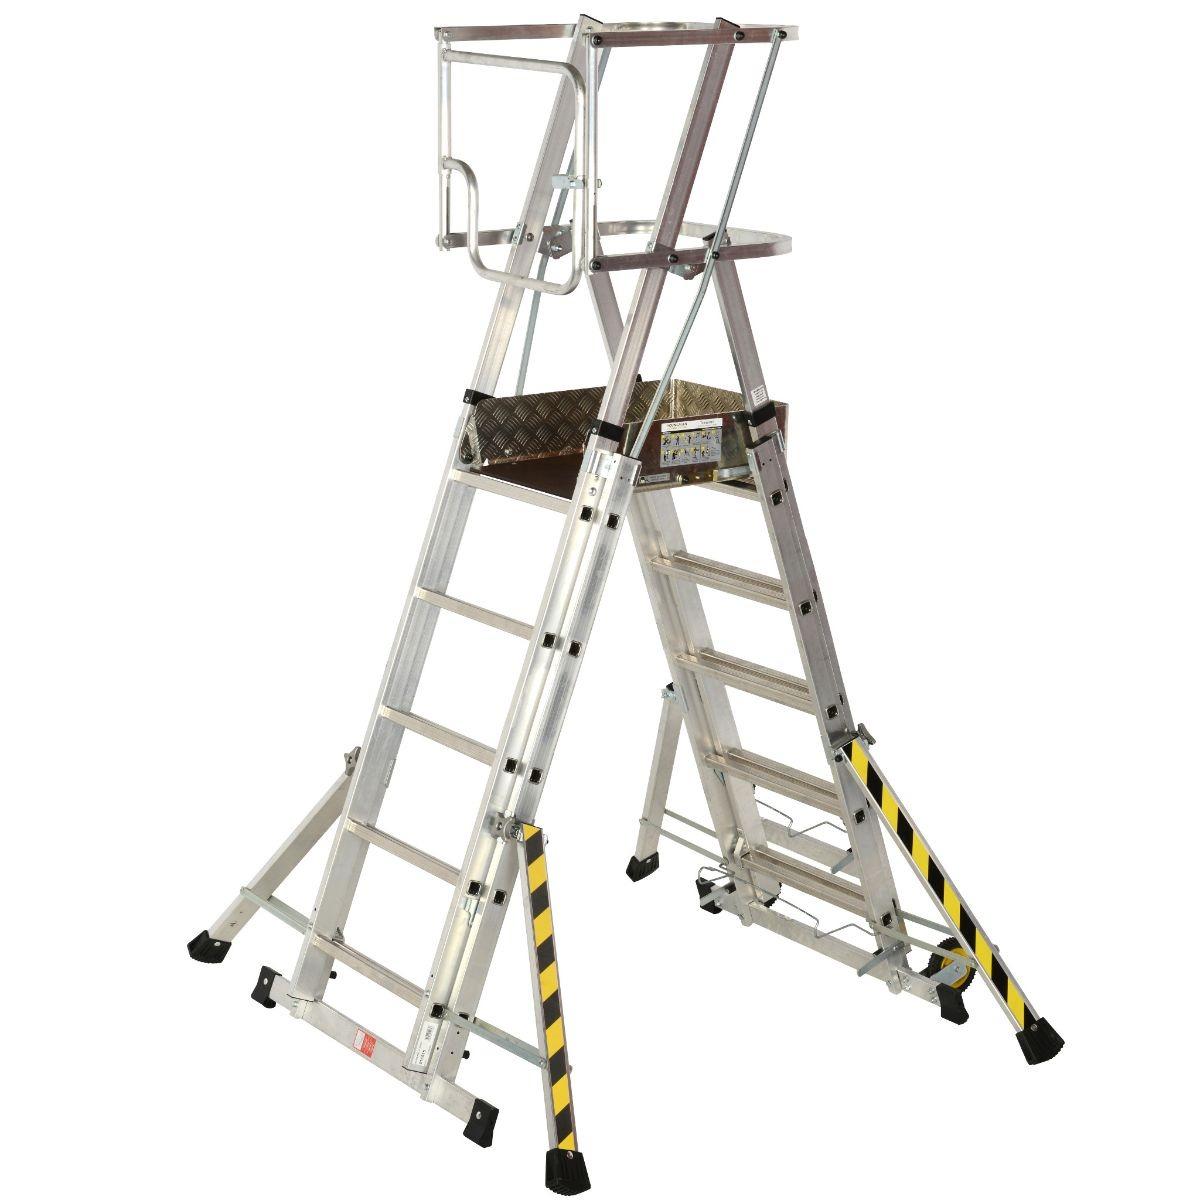 Youngman 31851500 Teleguard 5-8 Rung Combination Ladder 42Kg